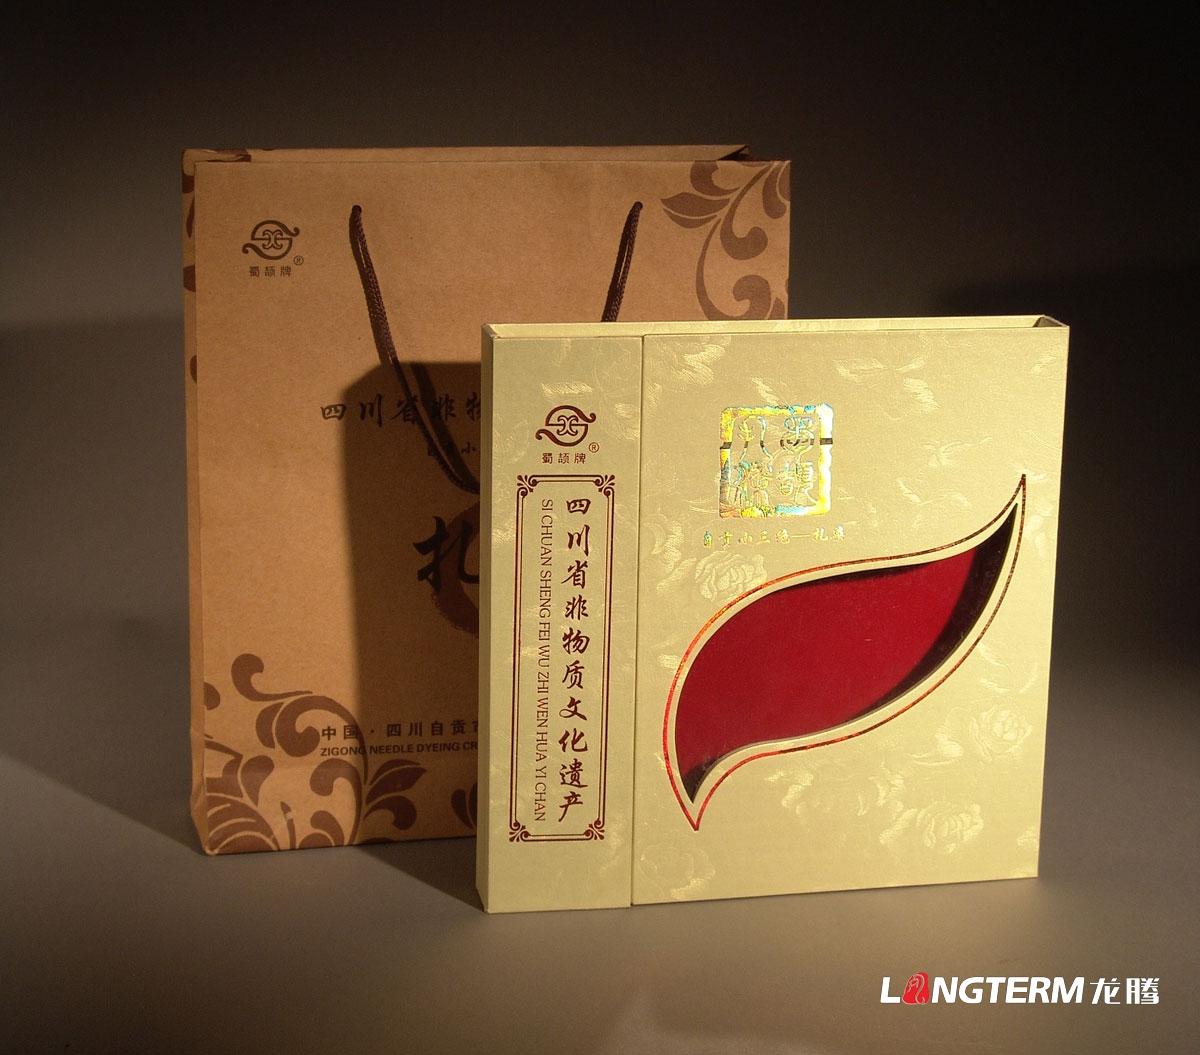 自贡扎染非物质文化遗产包装设计 旅游纪念品民间传统手工品包装设计